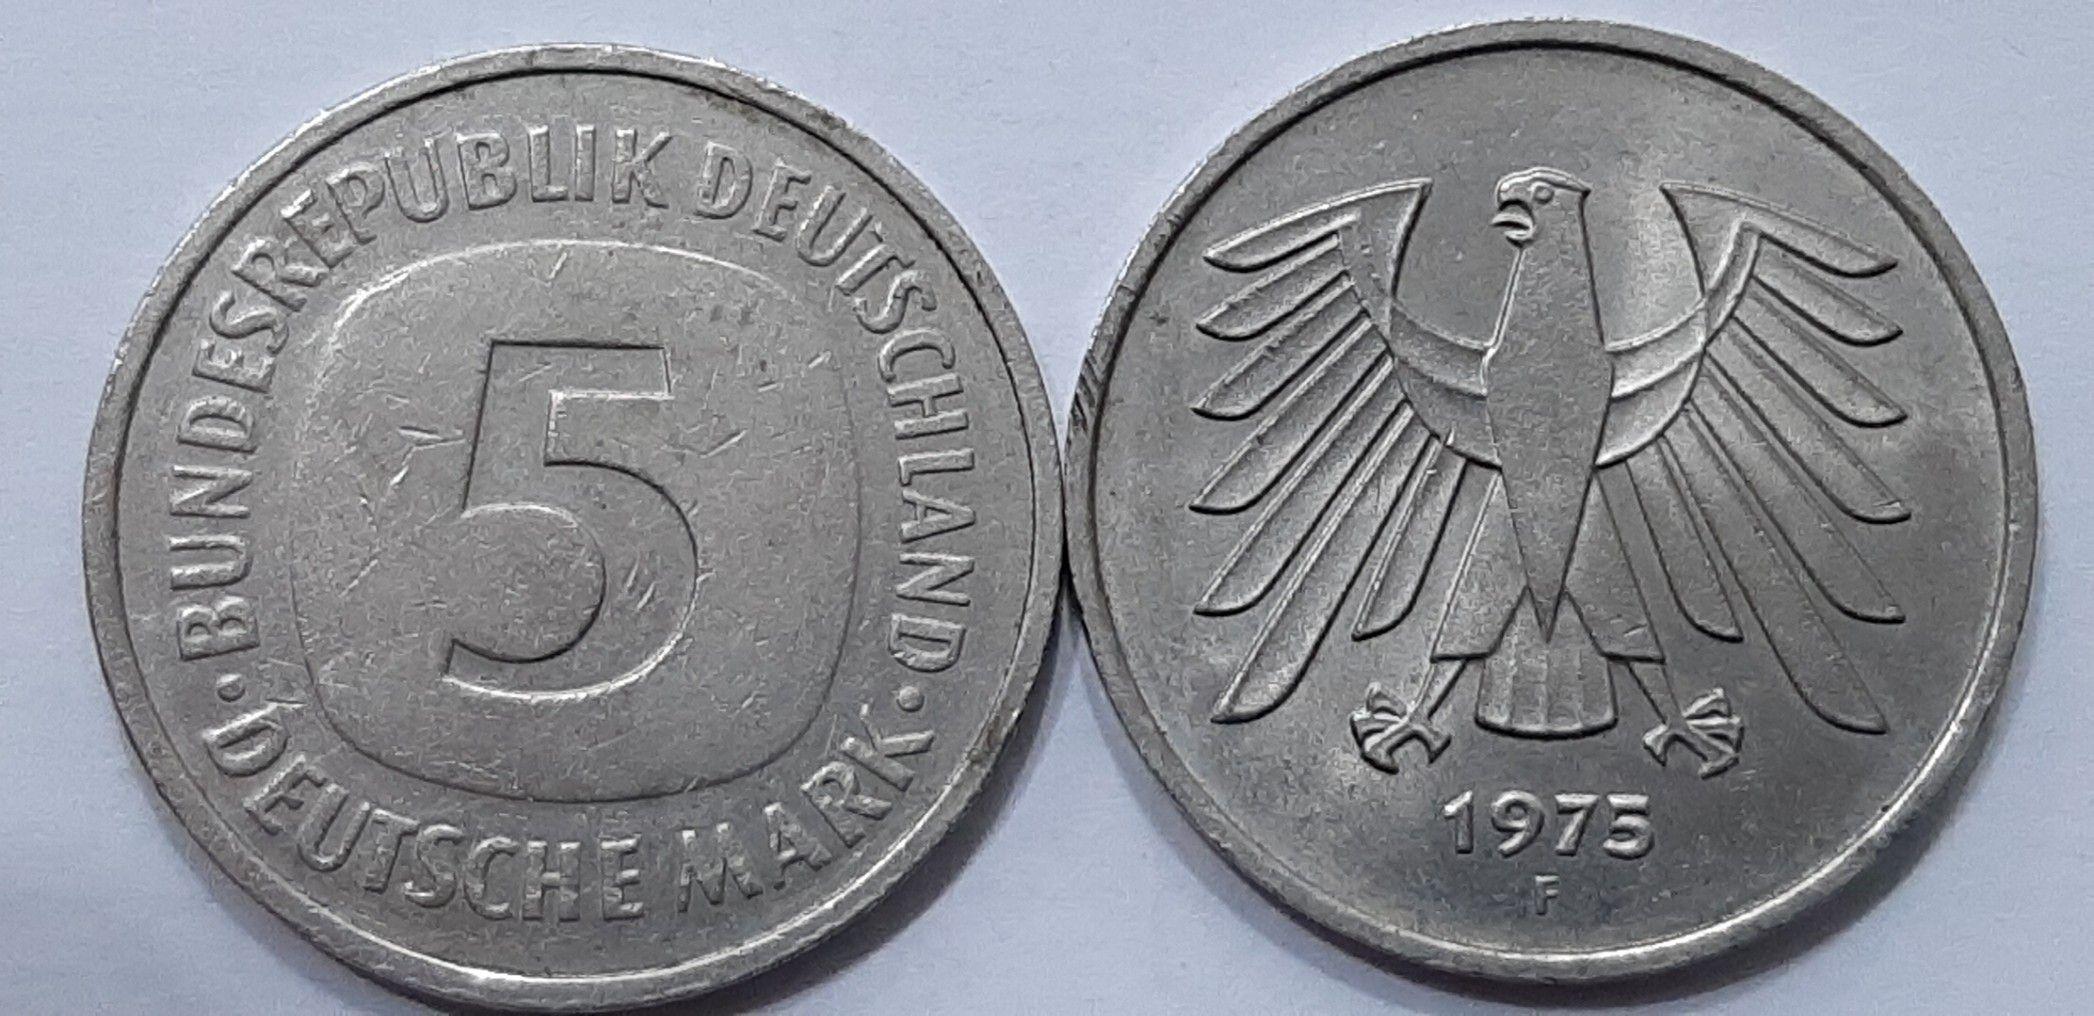 5 Deutsche Mark Bundesrepublik Deutschland 1975 Old